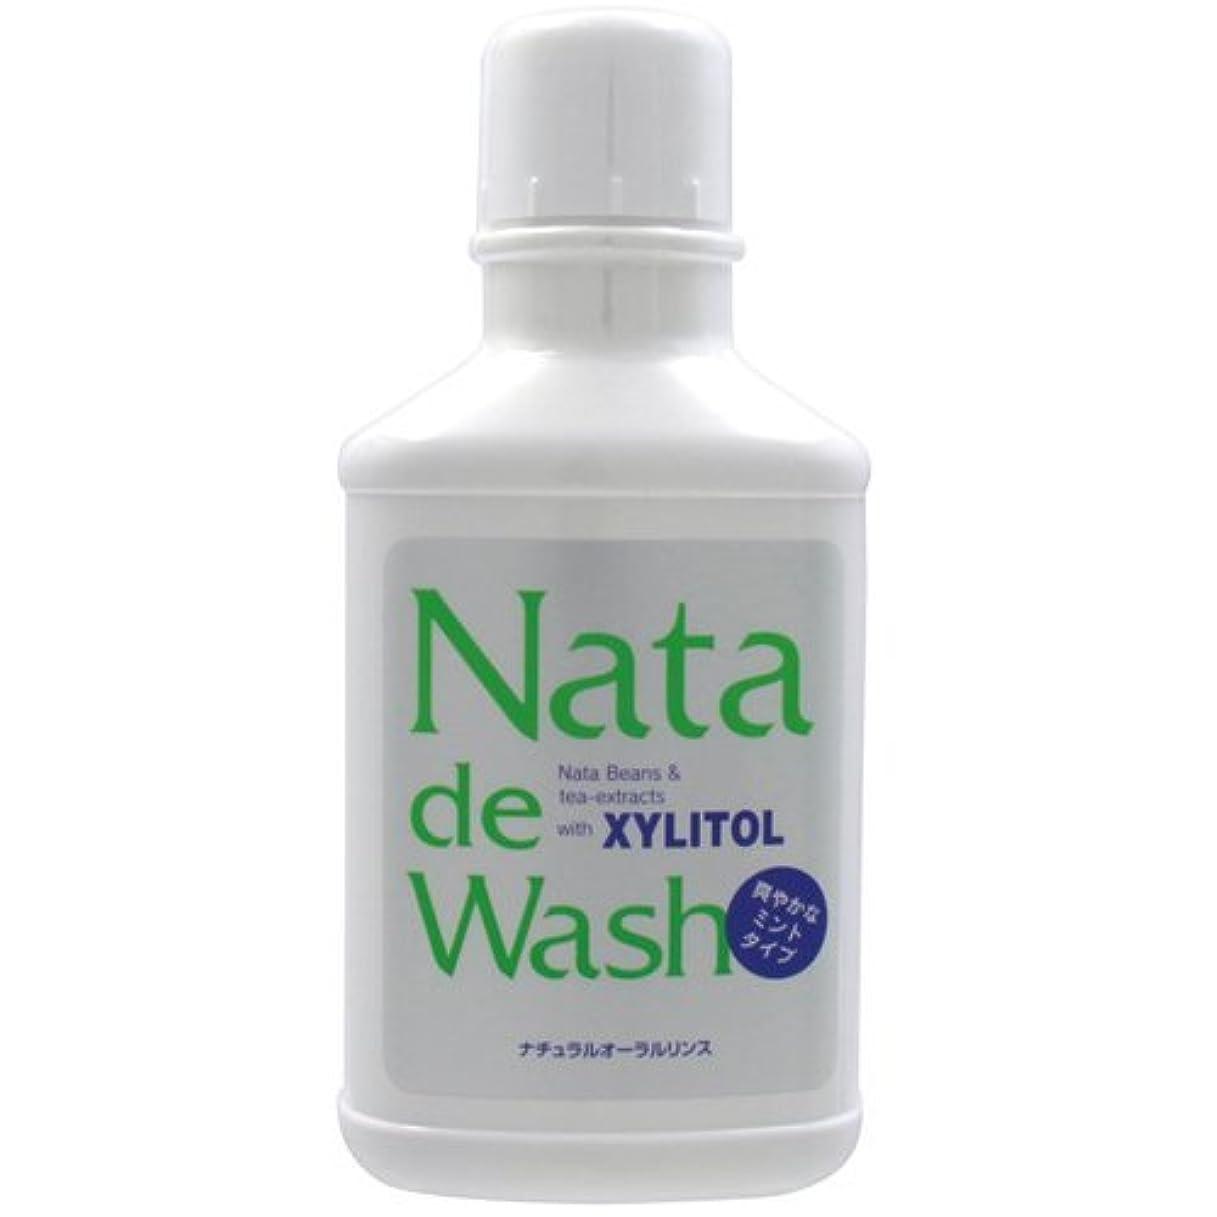 世代中毒漏斗ナタデウォッシュ 500ml 口臭予防 歯磨きの後にお勧め ナタデ ウォッシュ